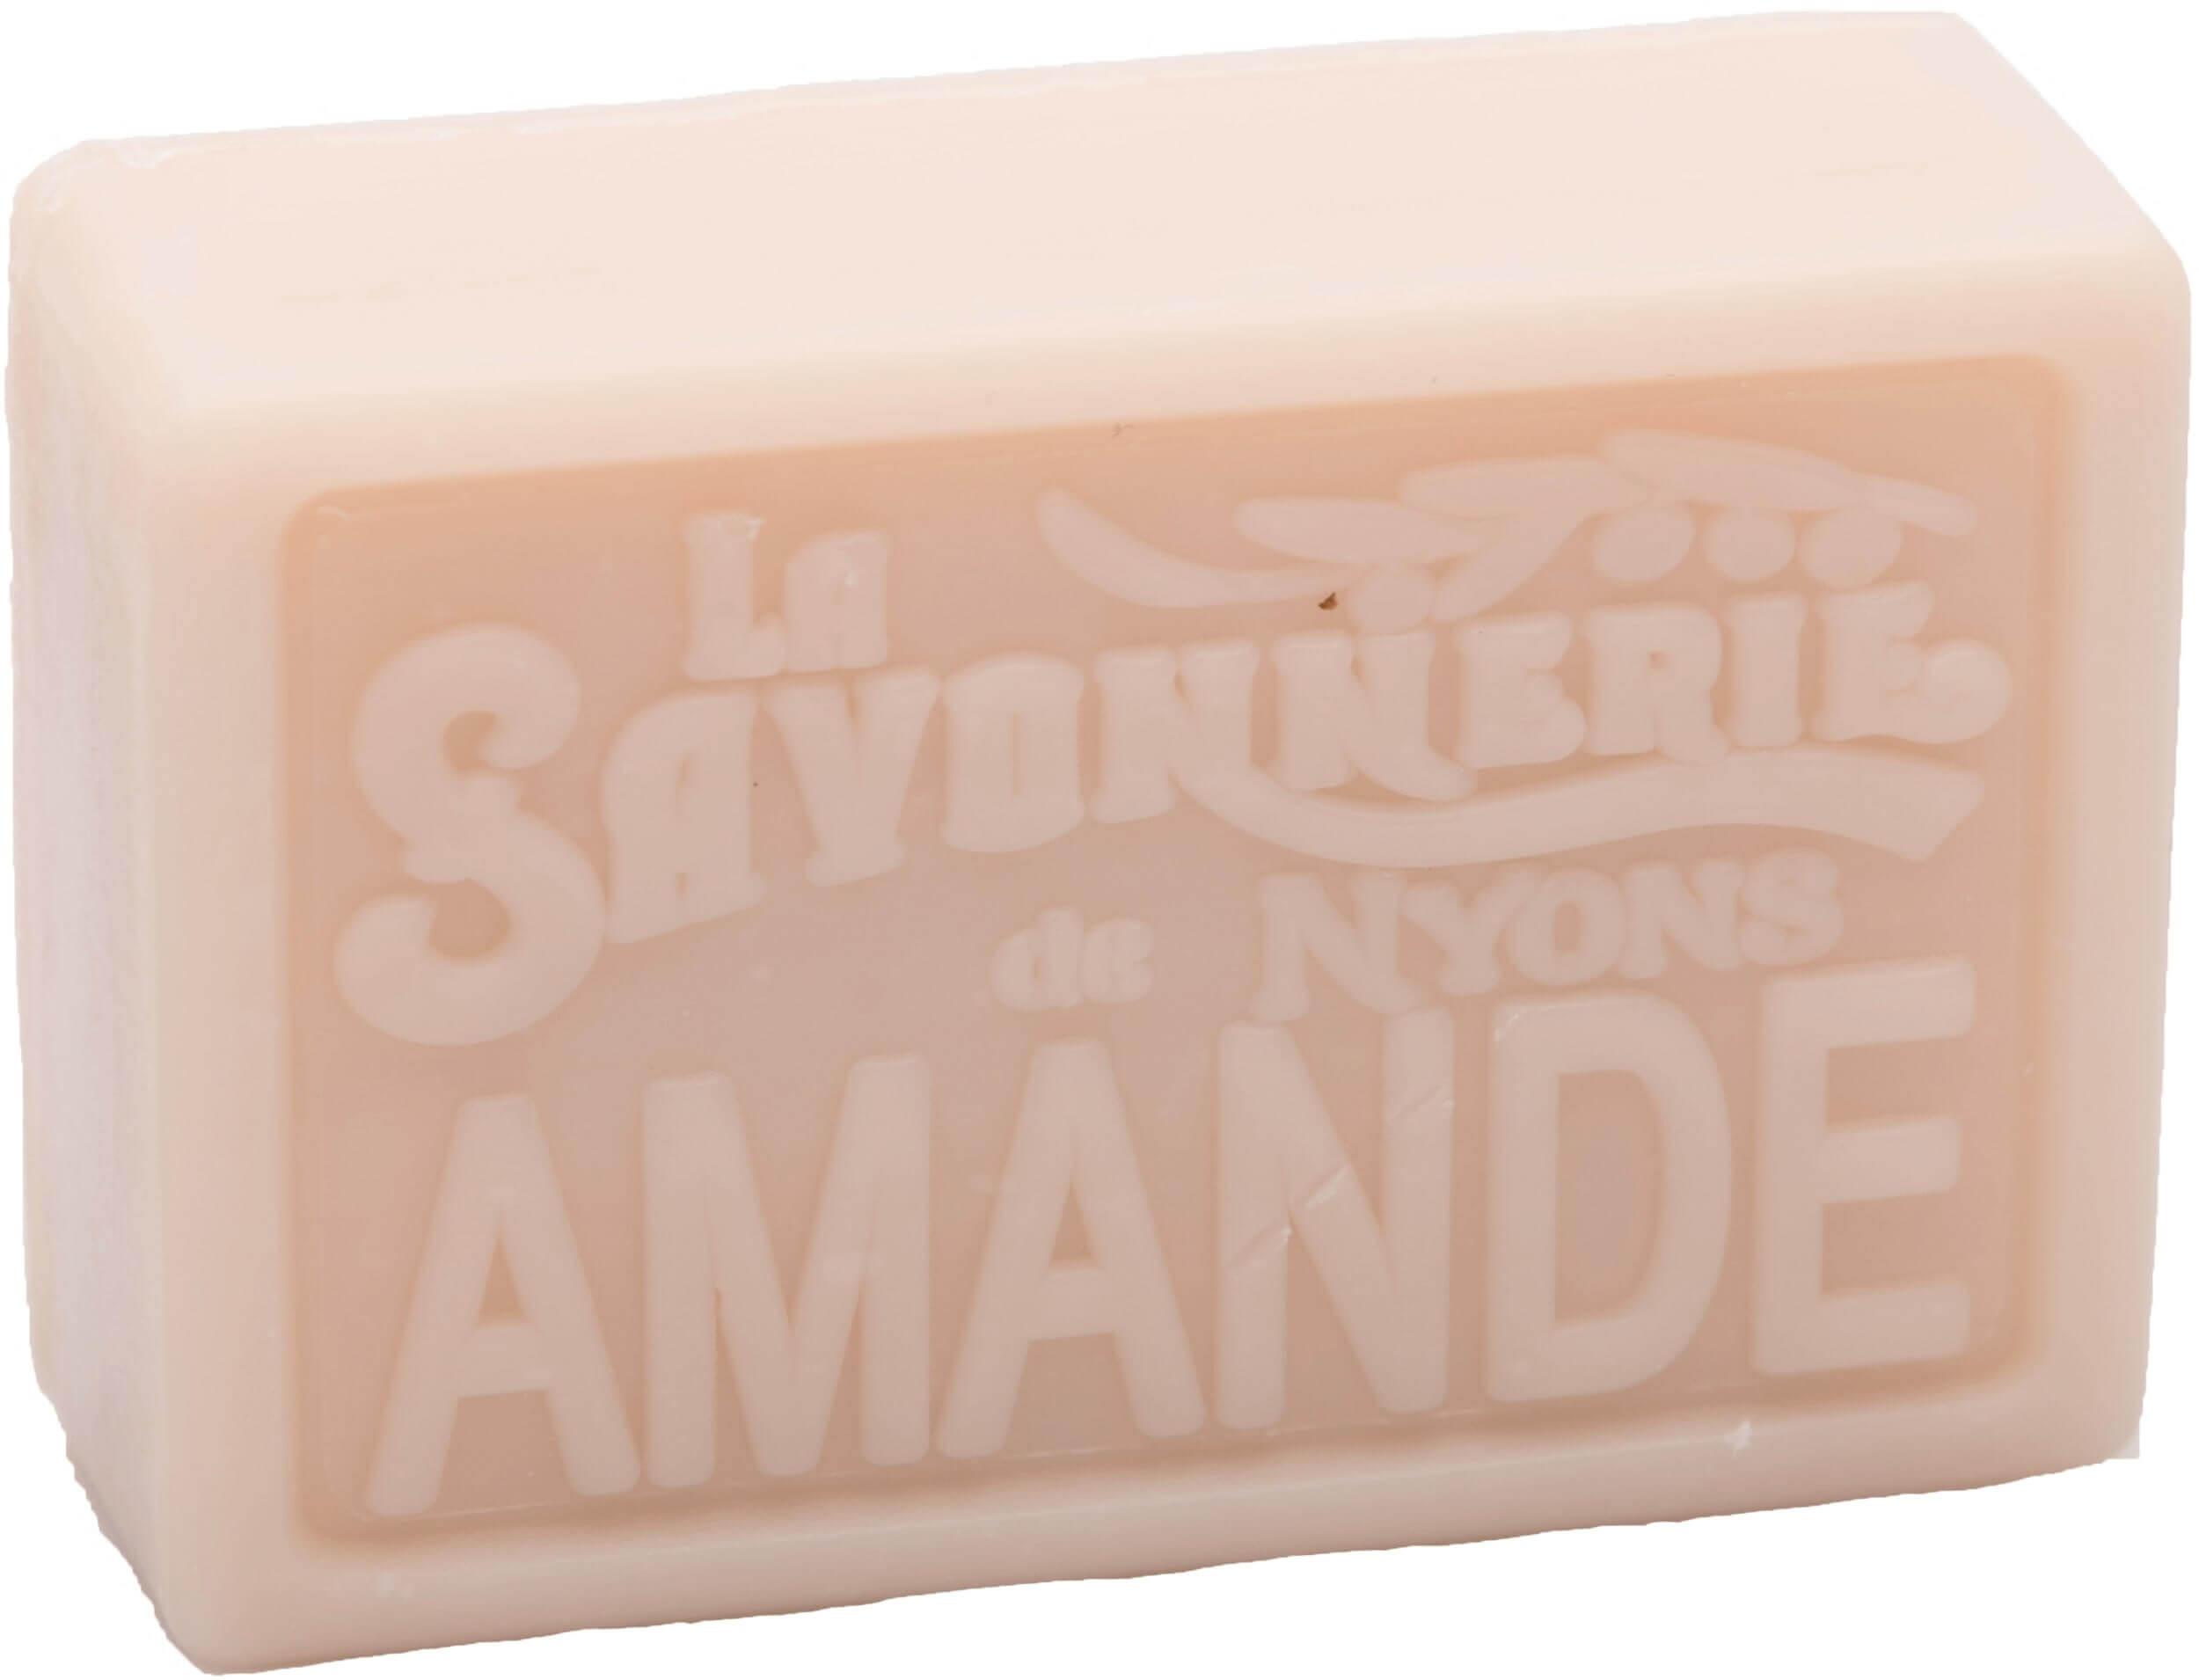 Seifen 100g - Mandel